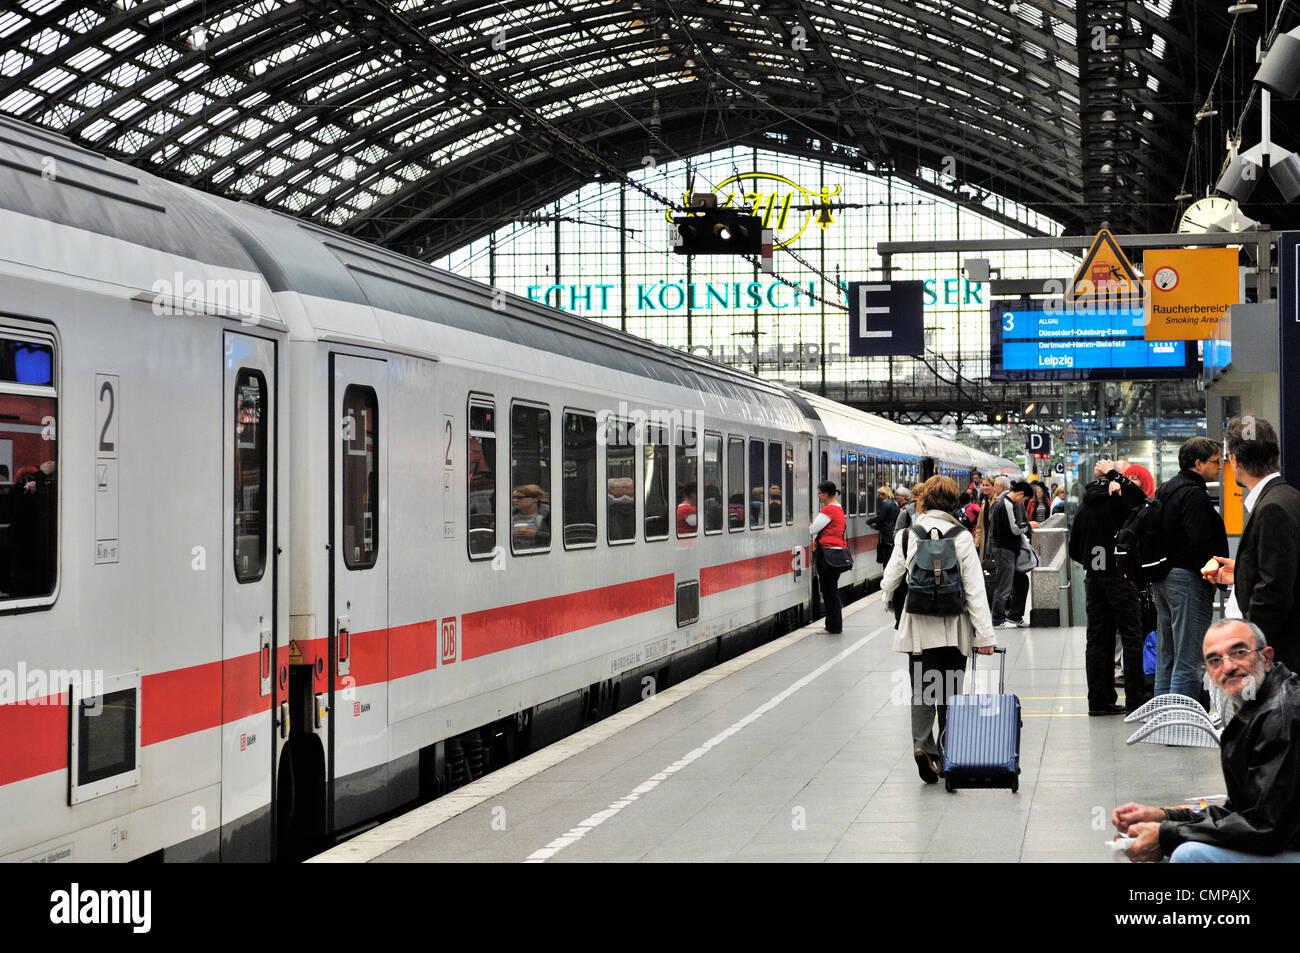 https://c8.alamy.com/comp/CMPAJX/deutsche-bahn-db-high-speed-german-intercity-passenger-train-standing-CMPAJX.jpg